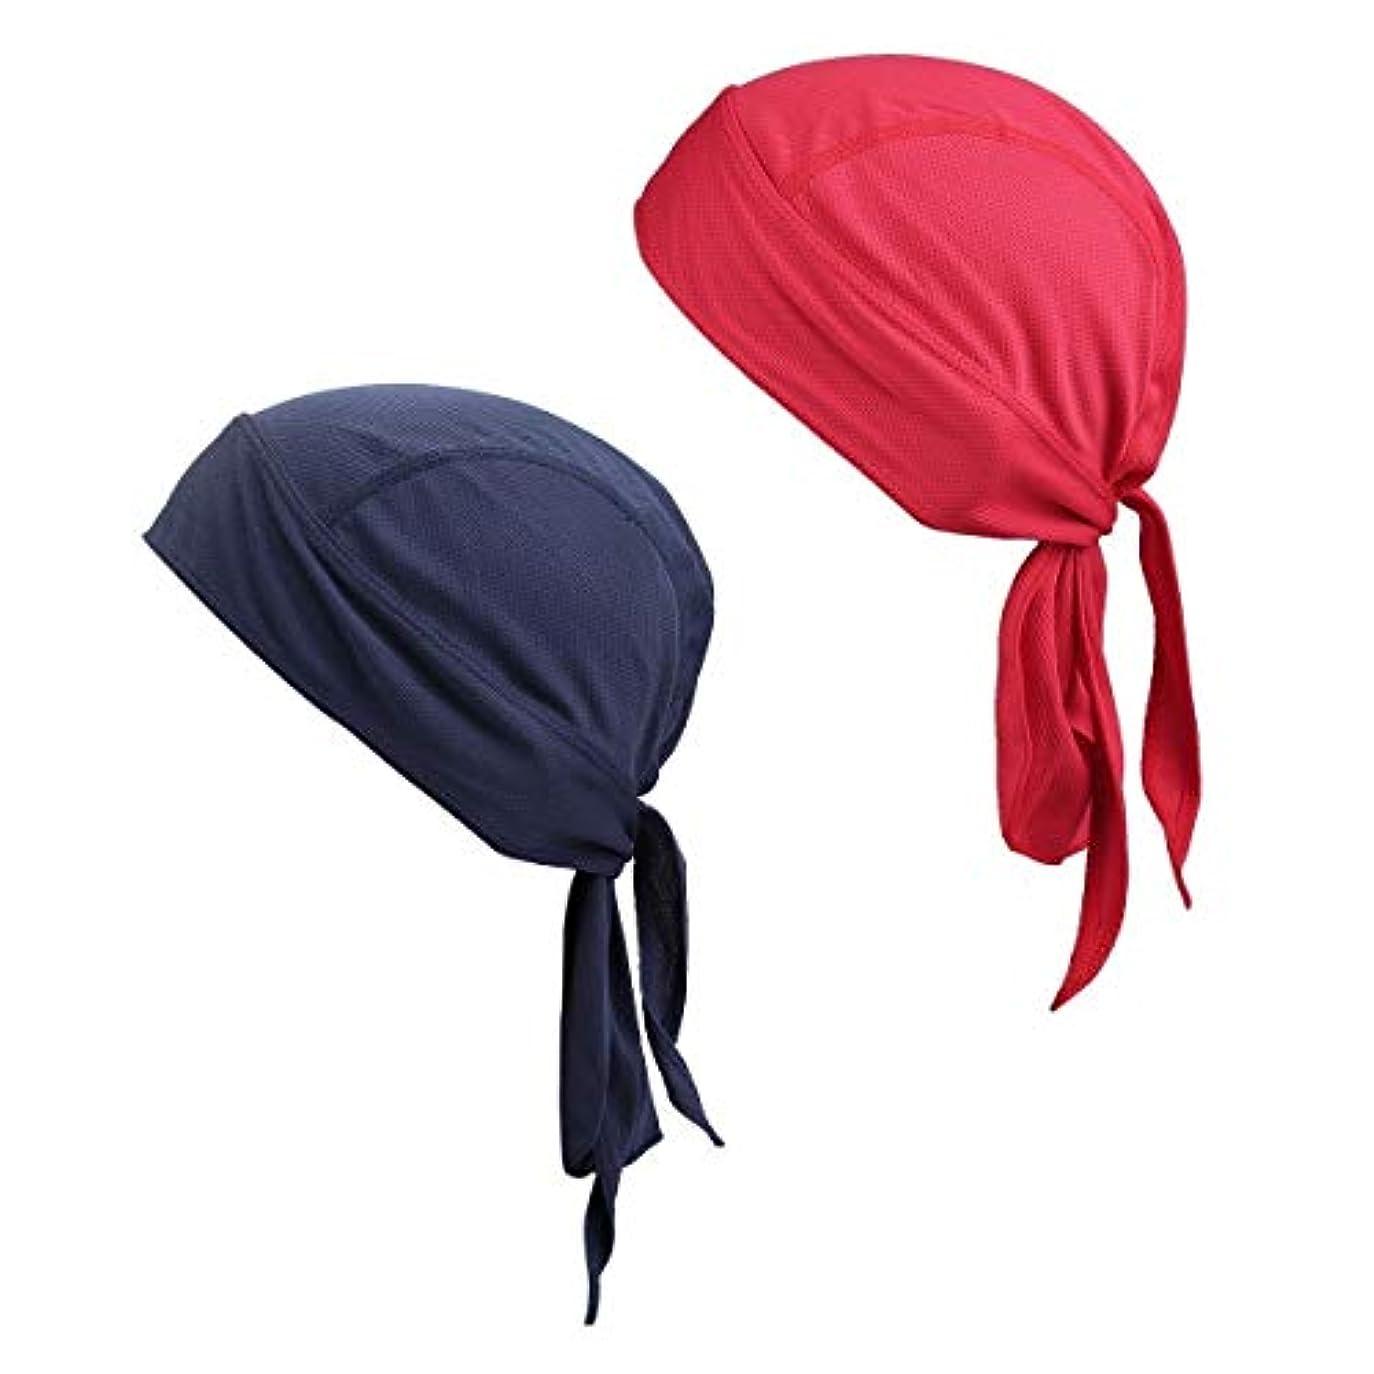 どちらか役職チャンピオンSportmusies スカルキャップ 帽子 メンズ レディース ランニング ヘッドラップ サイクリング ビーニーハット 湿気発散 速乾 2個パック